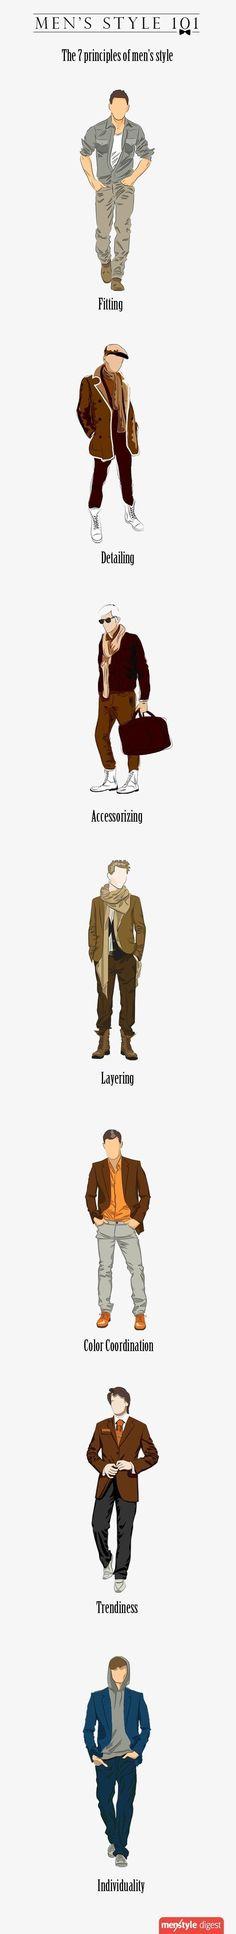 옷을 어떻게 입어야 할지 모르는 사람들에게 좋은 팁입니다. 7가지 팁이 있는데요 남자들의 스타일링을 하는데 도움이 많이 될 것 입니다. 사실 개인적으로는 컬러매치와 핏팅만 어느 정도 되면 스타일링에서 돋보일 것 입니다. 참고하면서 이러한 법칙만 잘 지켜준다면 센스있는 코디를 완성 할 수 있을 것 입니다.